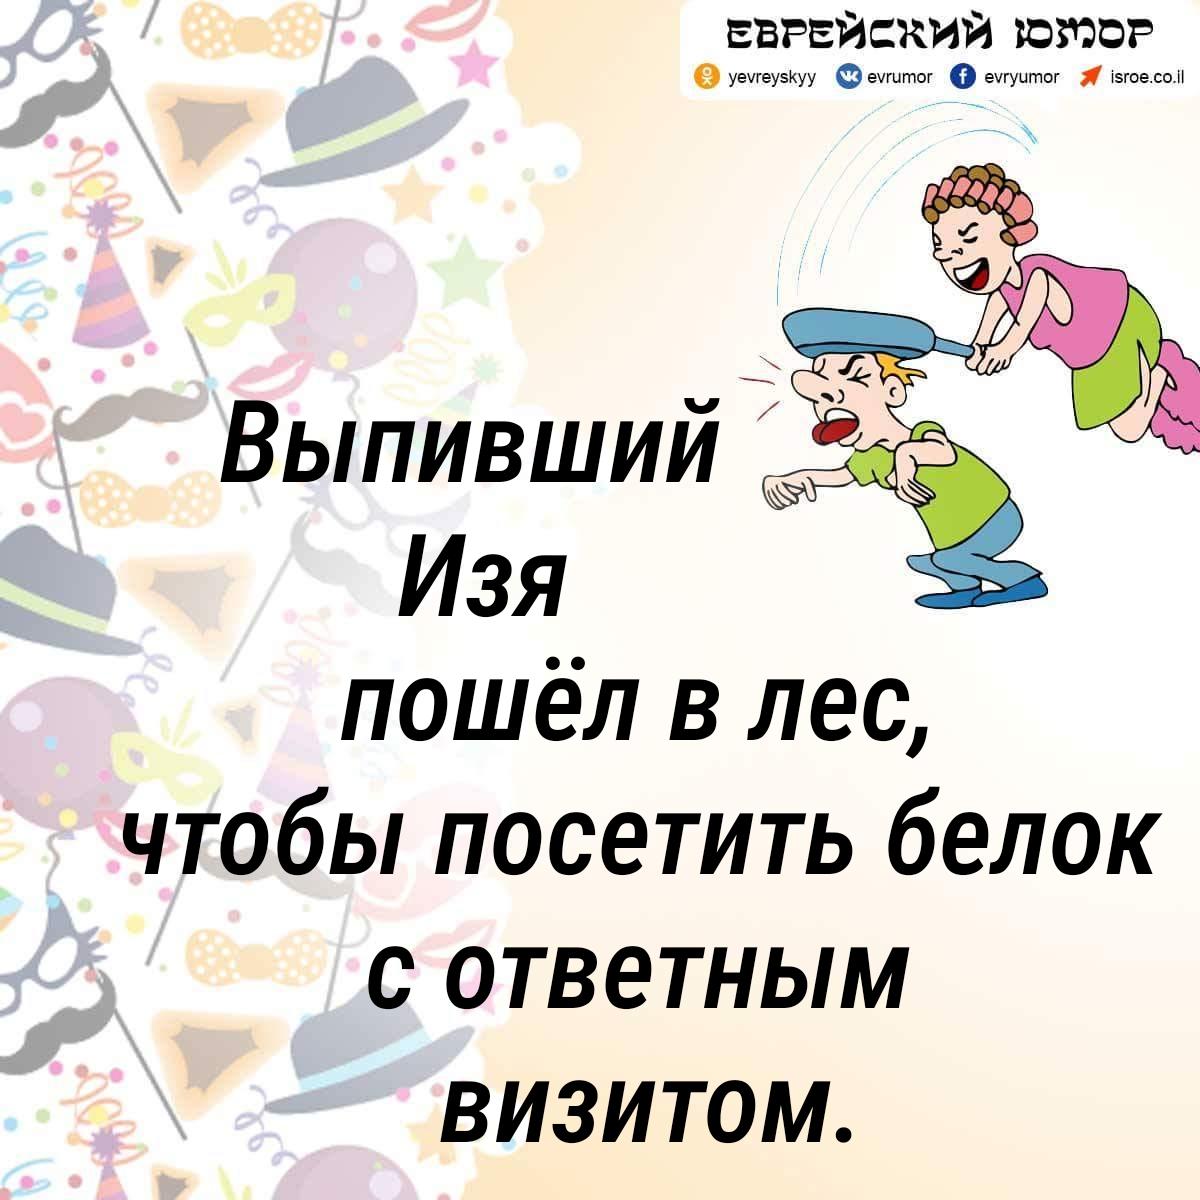 Еврейский юмор. Одесский анекдот. Ответный визит